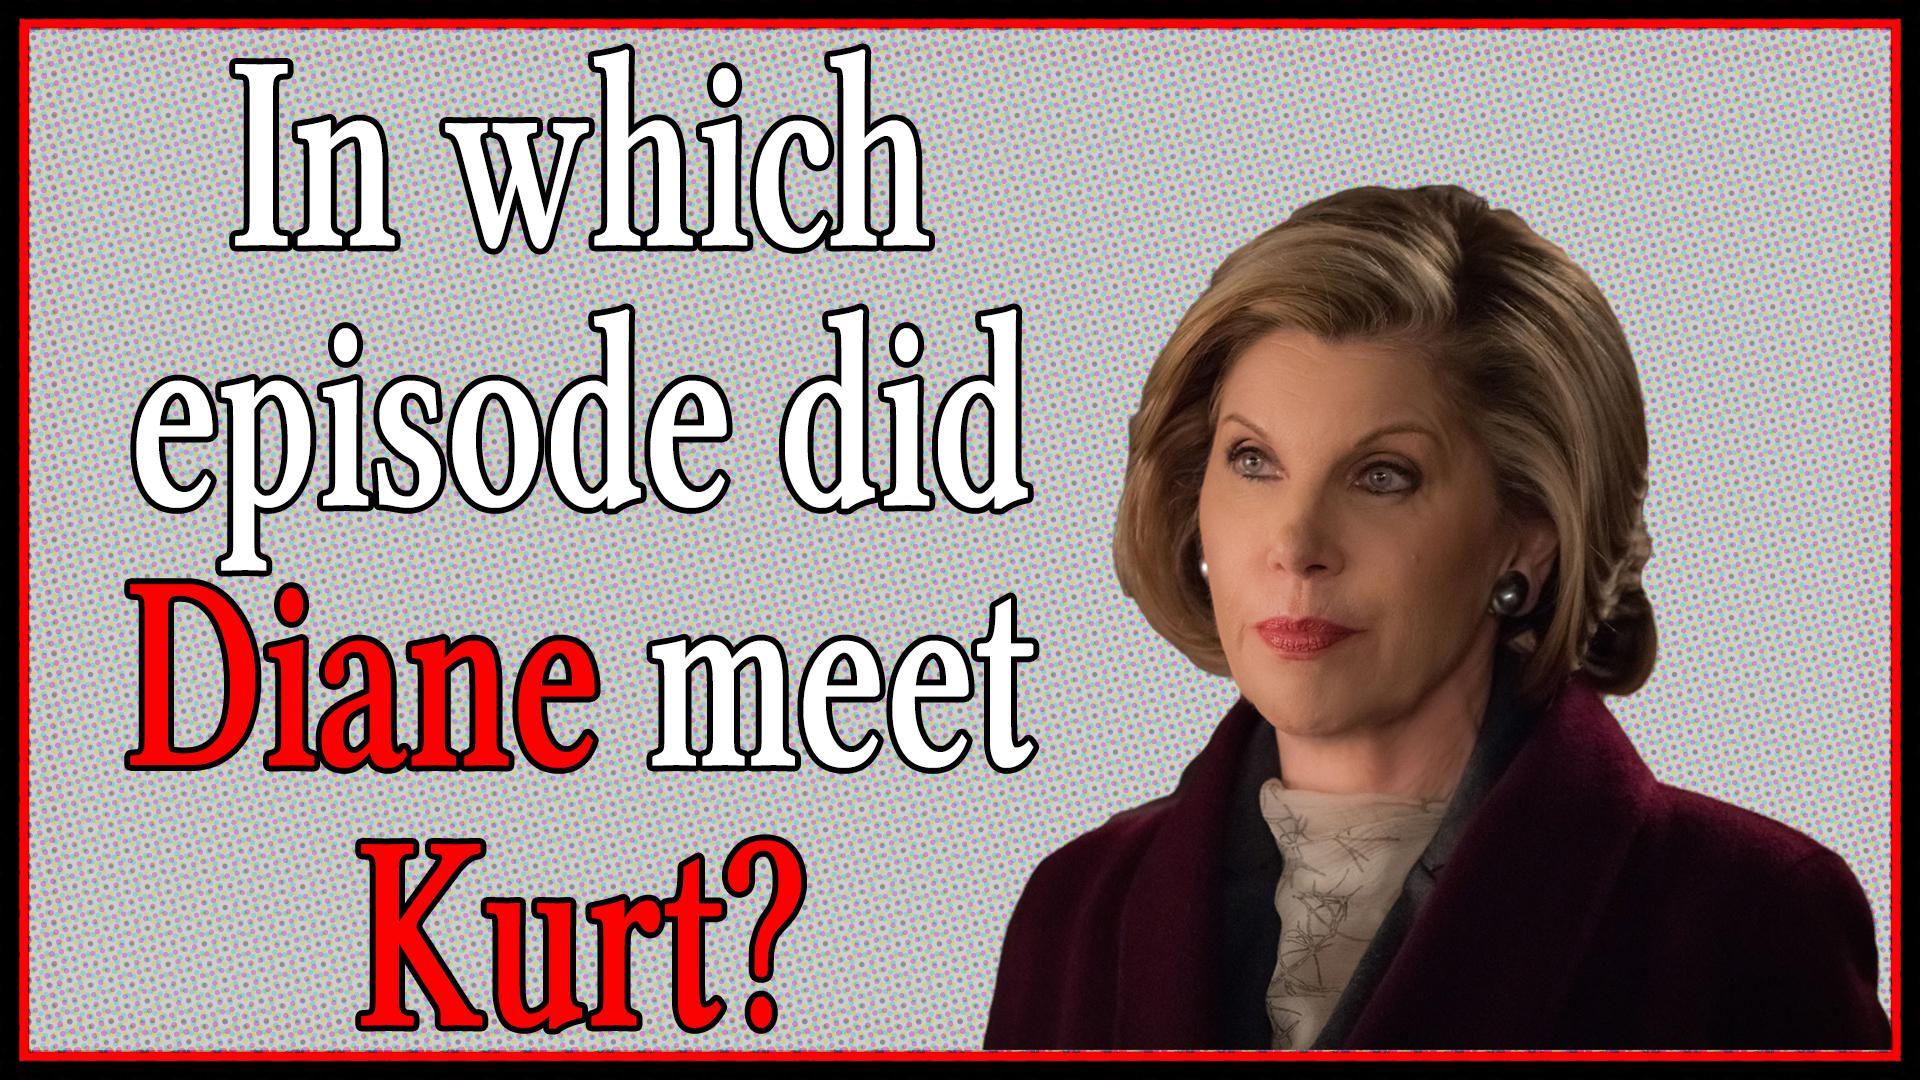 In which episode did Diane meet Kurt?